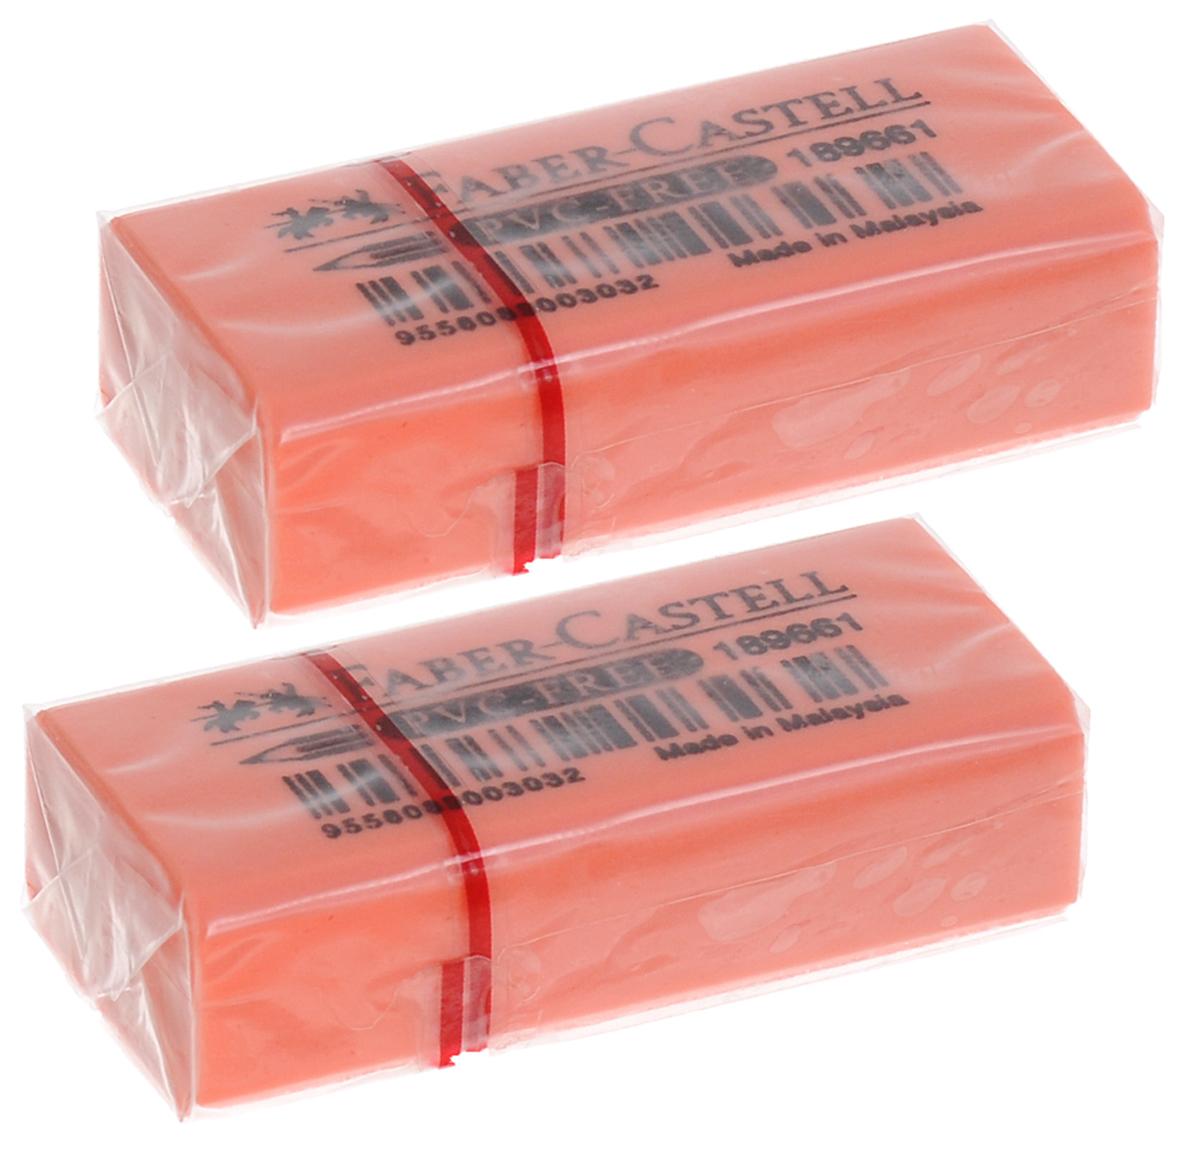 Faber-Castell Ластик флуоресцентный цвет оранжевый 2 шт263397_оранжевыйЛастик флуоресцентный Faber-Castell станет незаменимым аксессуаром на рабочем столе не только школьника или студента, но и офисного работника. Ластик не оставляет грязных разводов. Кроме того высококачественный ластик не содержит ПВХ. Не повреждает бумагу даже при многократном стирании. В наборе 2 ластика.